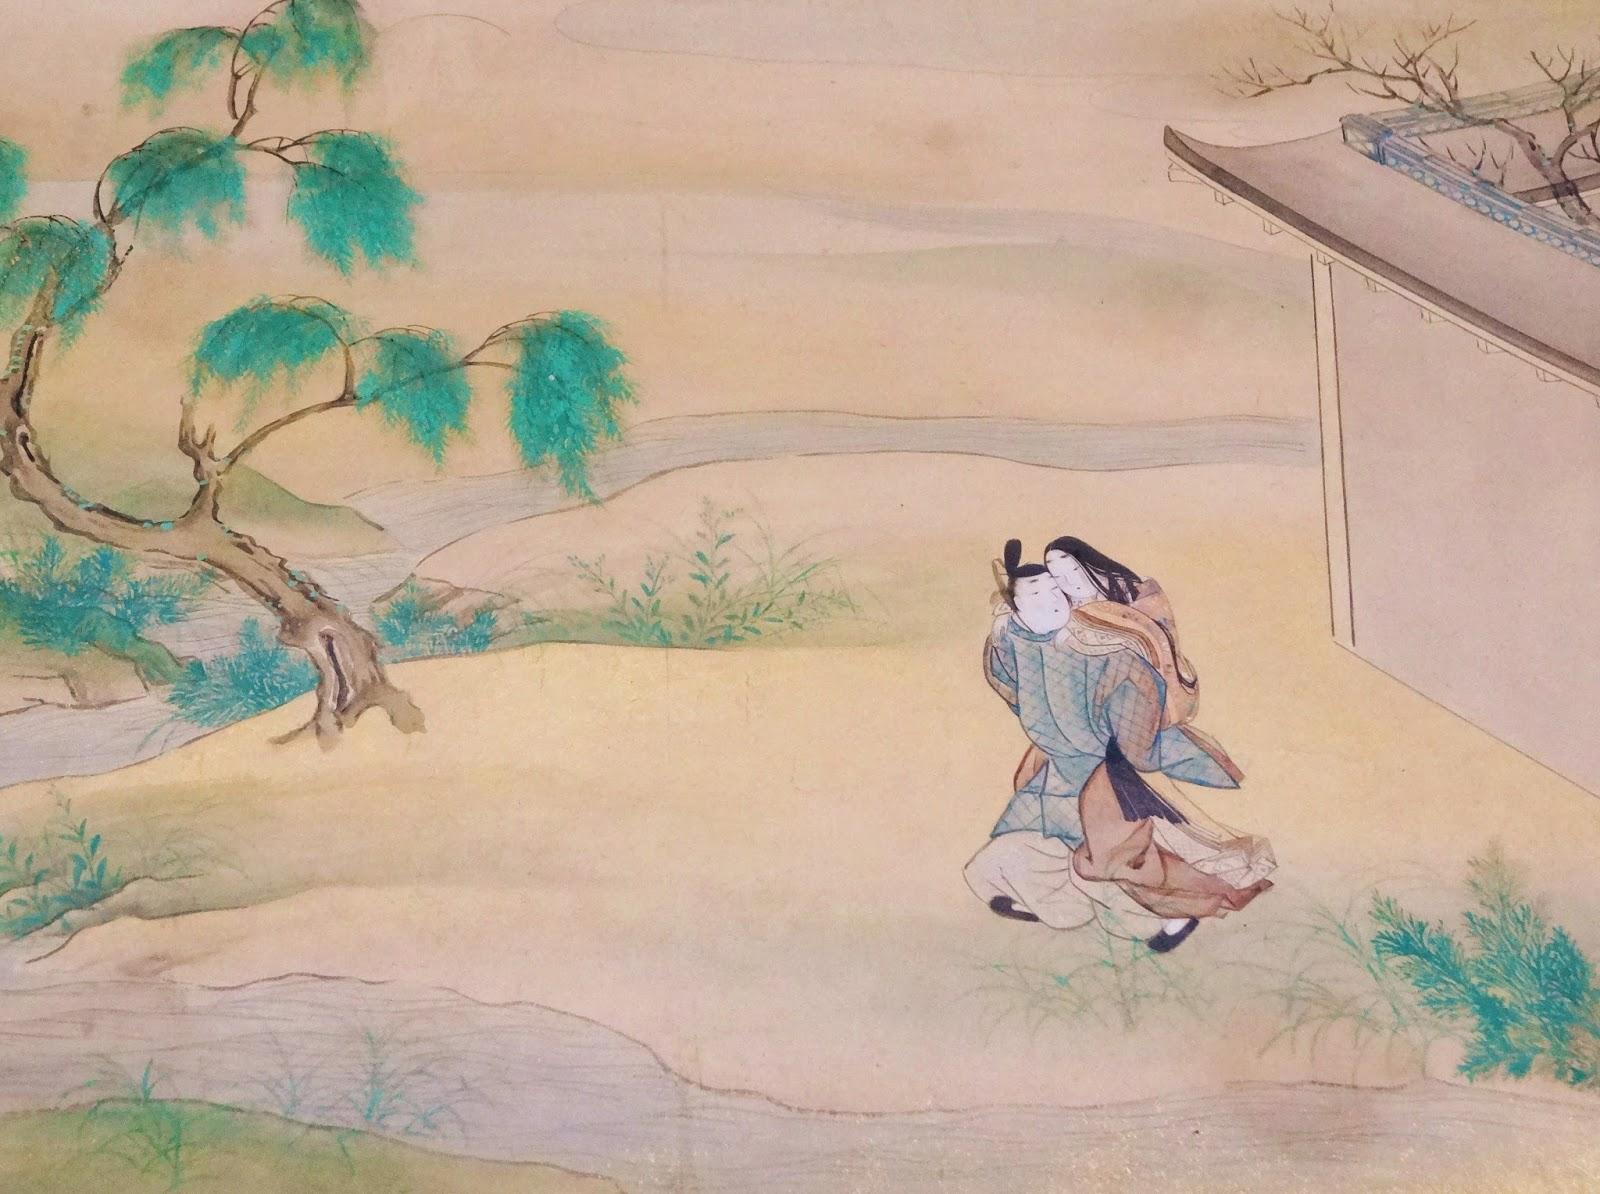 白鳥花を啣む: トーハク・根付・面裝束・絵畫など能楽関連美術